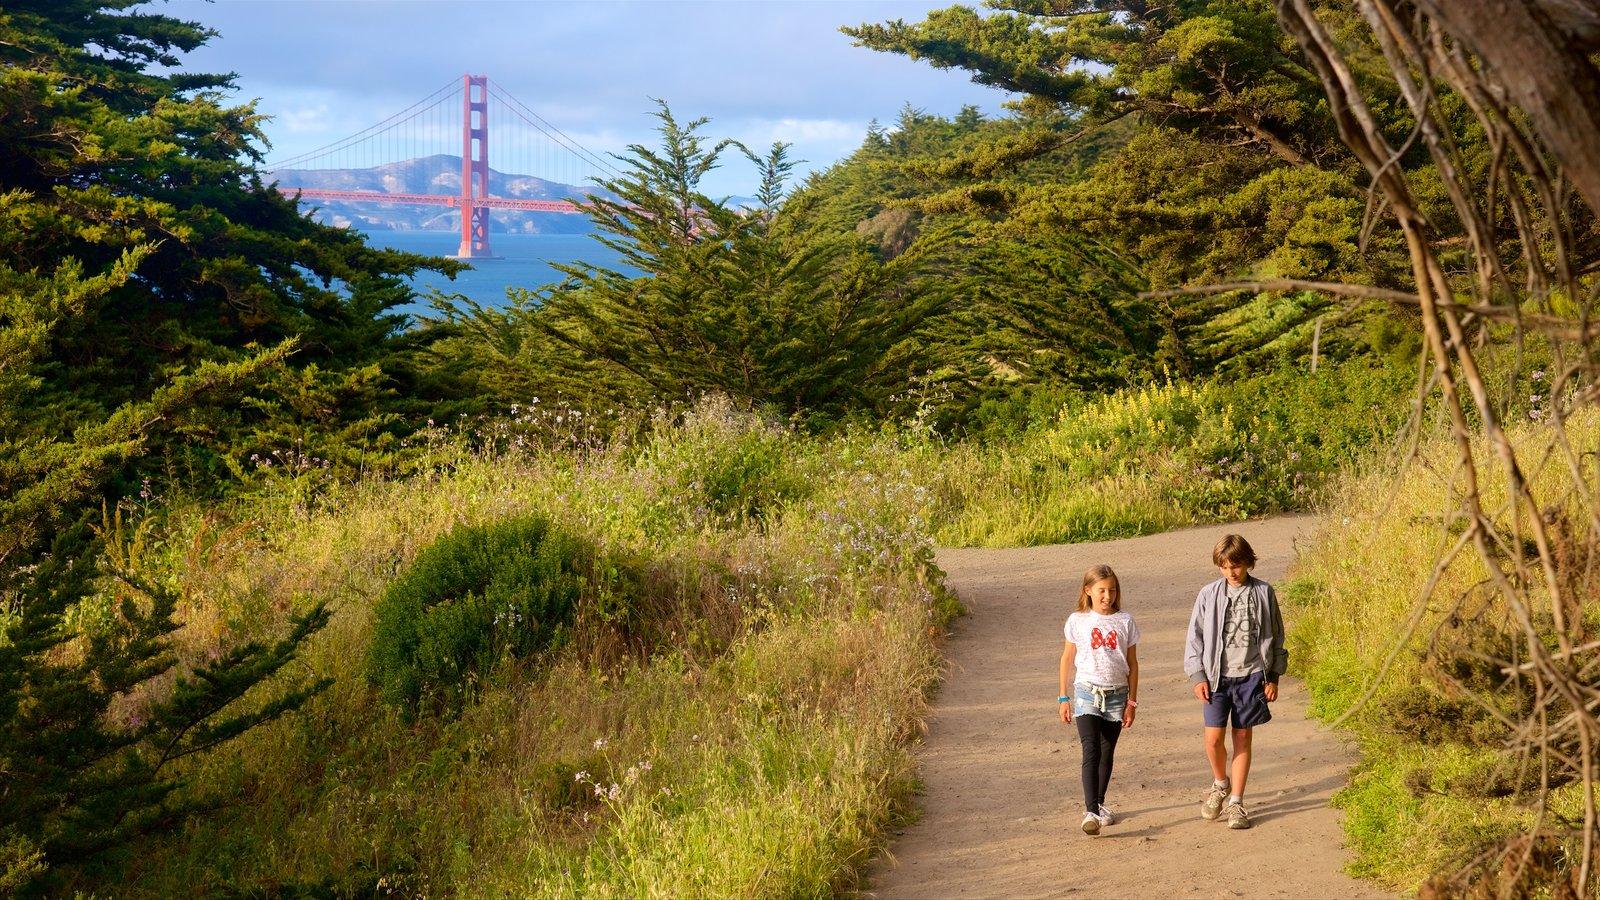 Land\'s End Trail caracterizando escalada ou caminhada e um jardim assim como crianças